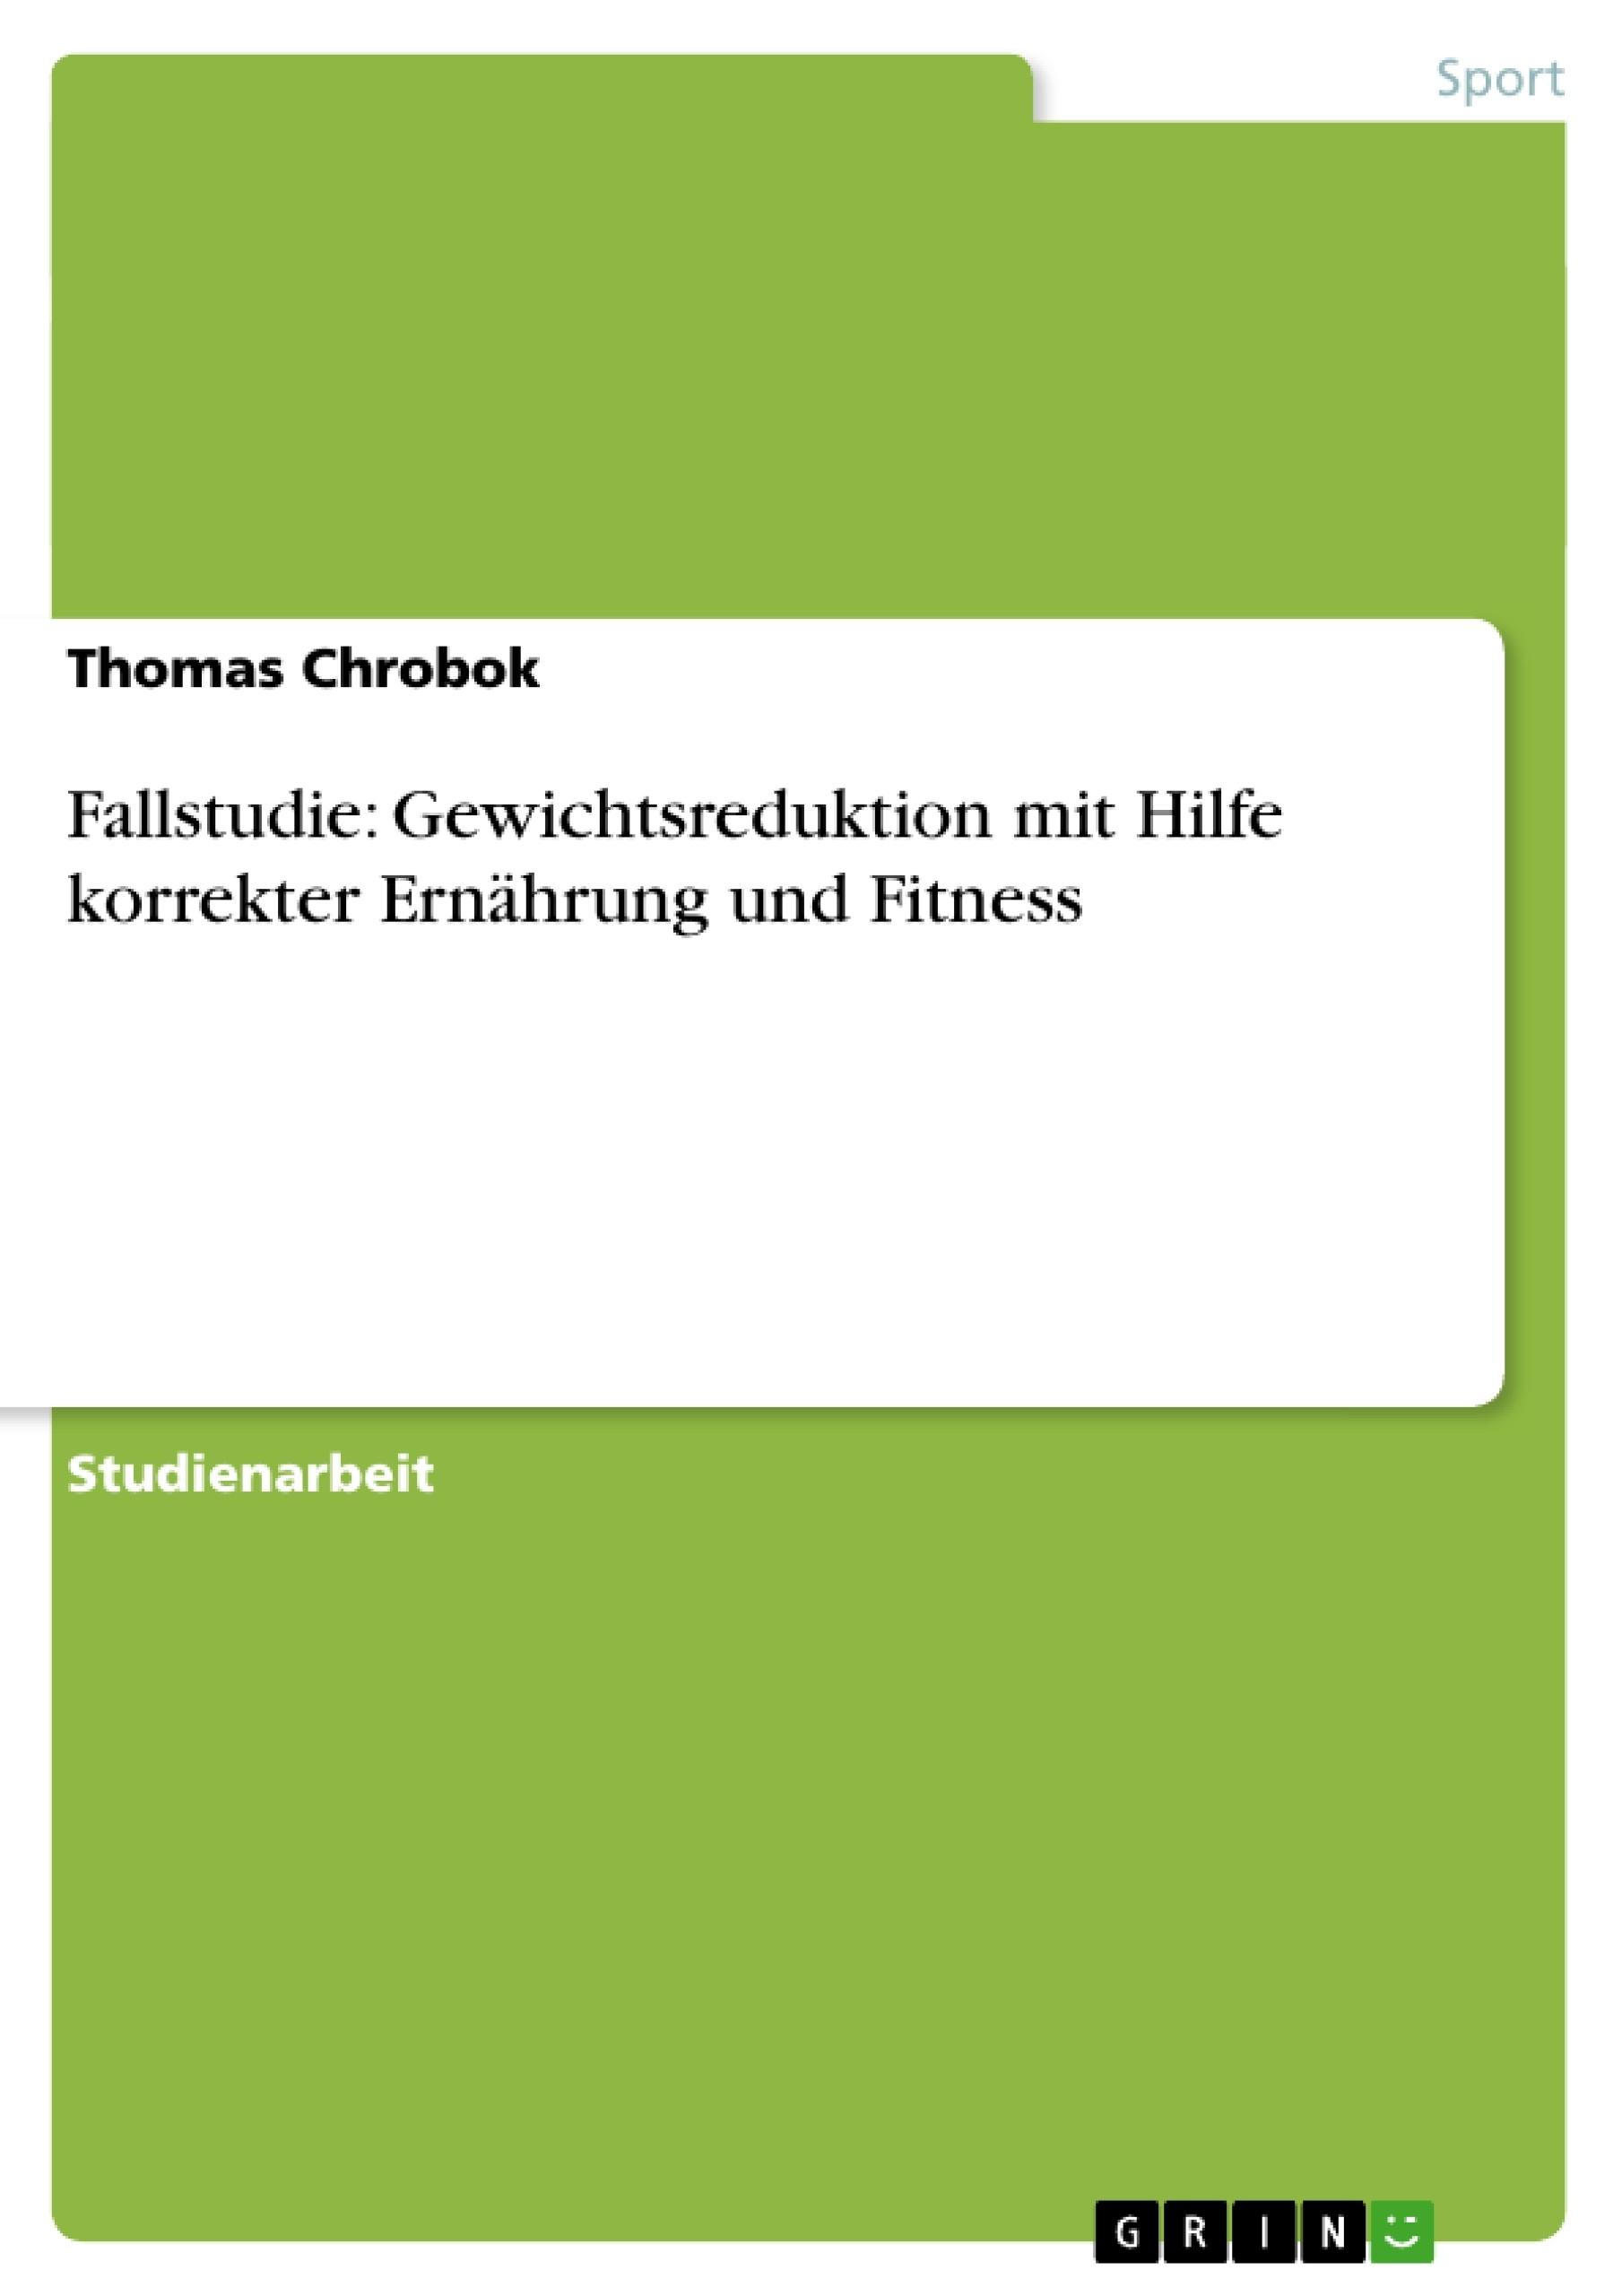 Titel: Fallstudie: Gewichtsreduktion mit Hilfe korrekter Ernährung und Fitness